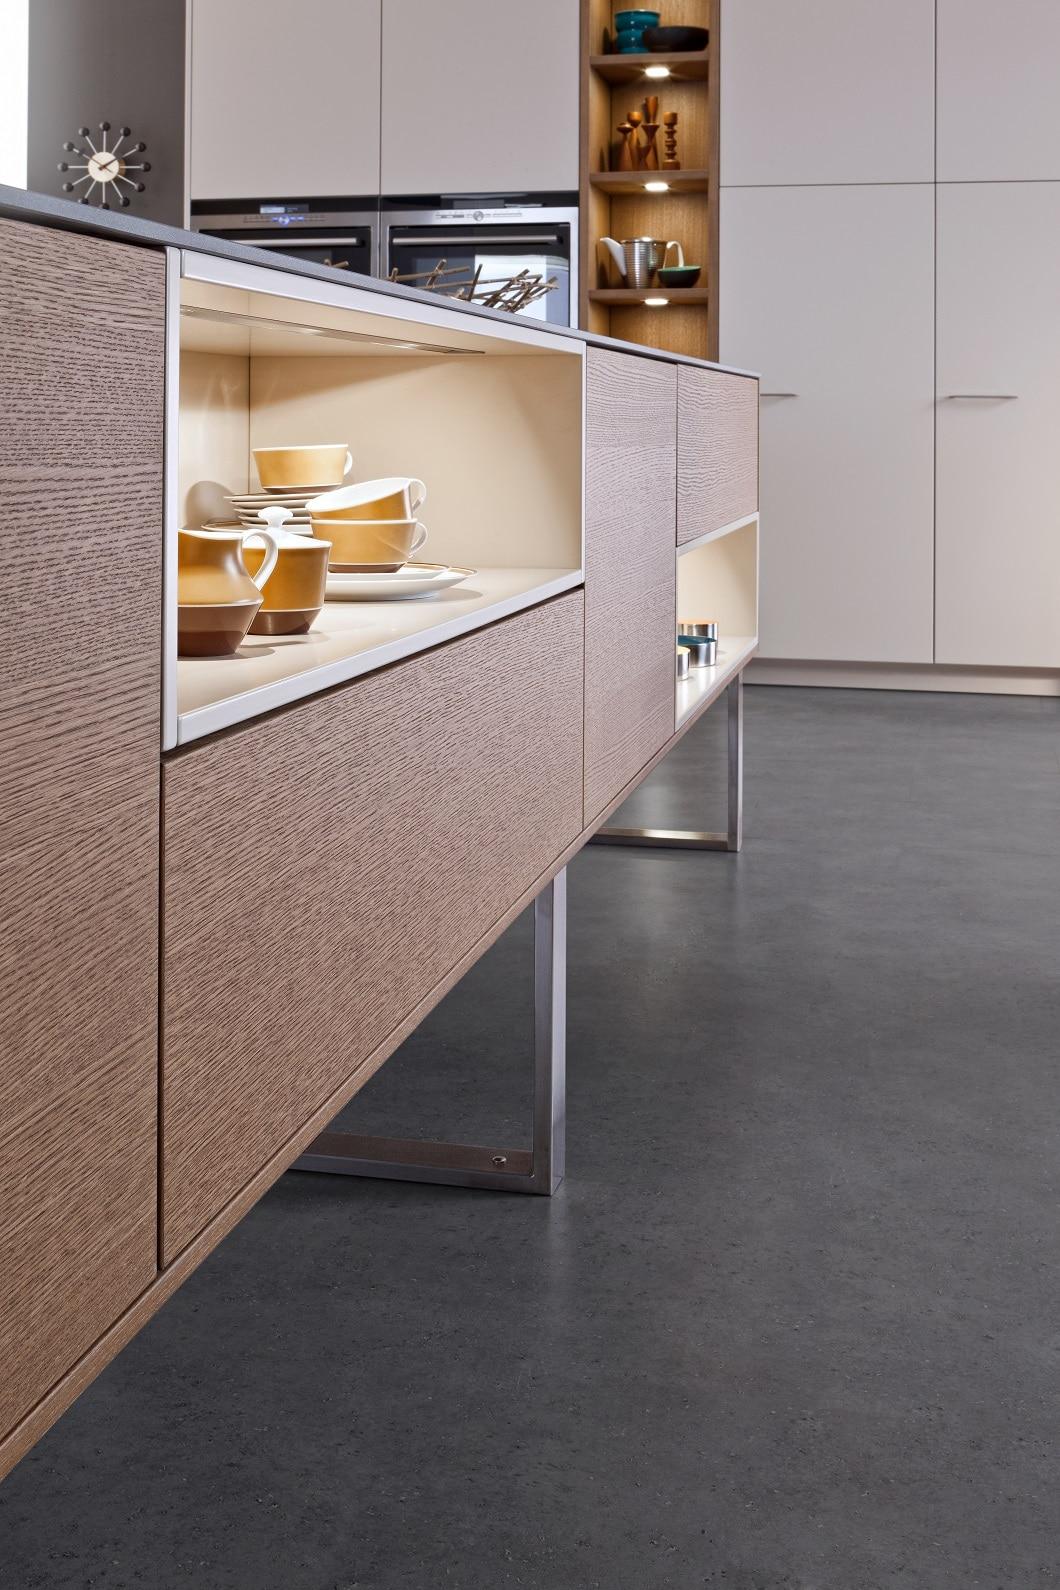 In einer Kücheninsel findet sich nicht nur Stauraum, sondern auch Platz zum Präsentieren - zum Beispiel von besonders schönem Geschirr, Vasen, Pflanzen oder Lebensmitteln. (Foto: Leicht, Classic FS Topos)